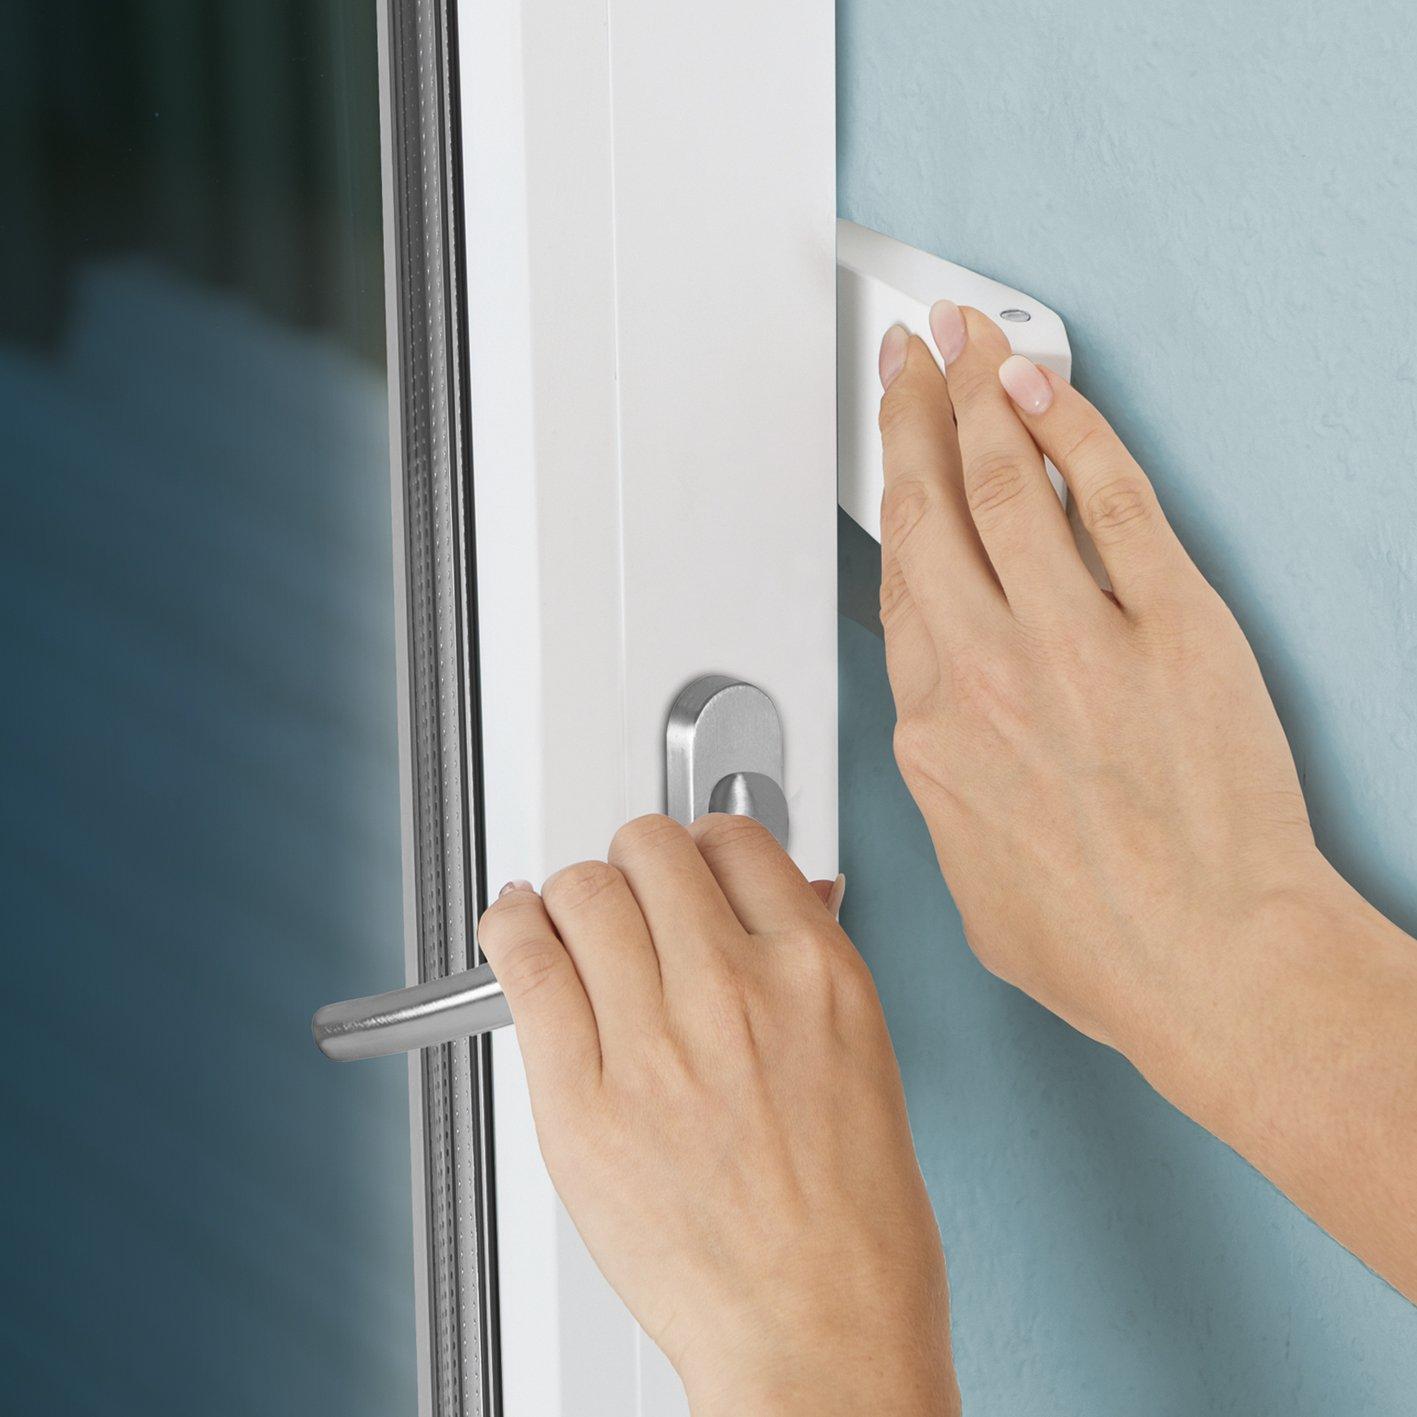 Blocca finestra chiusura di sicurezza antintrusione.